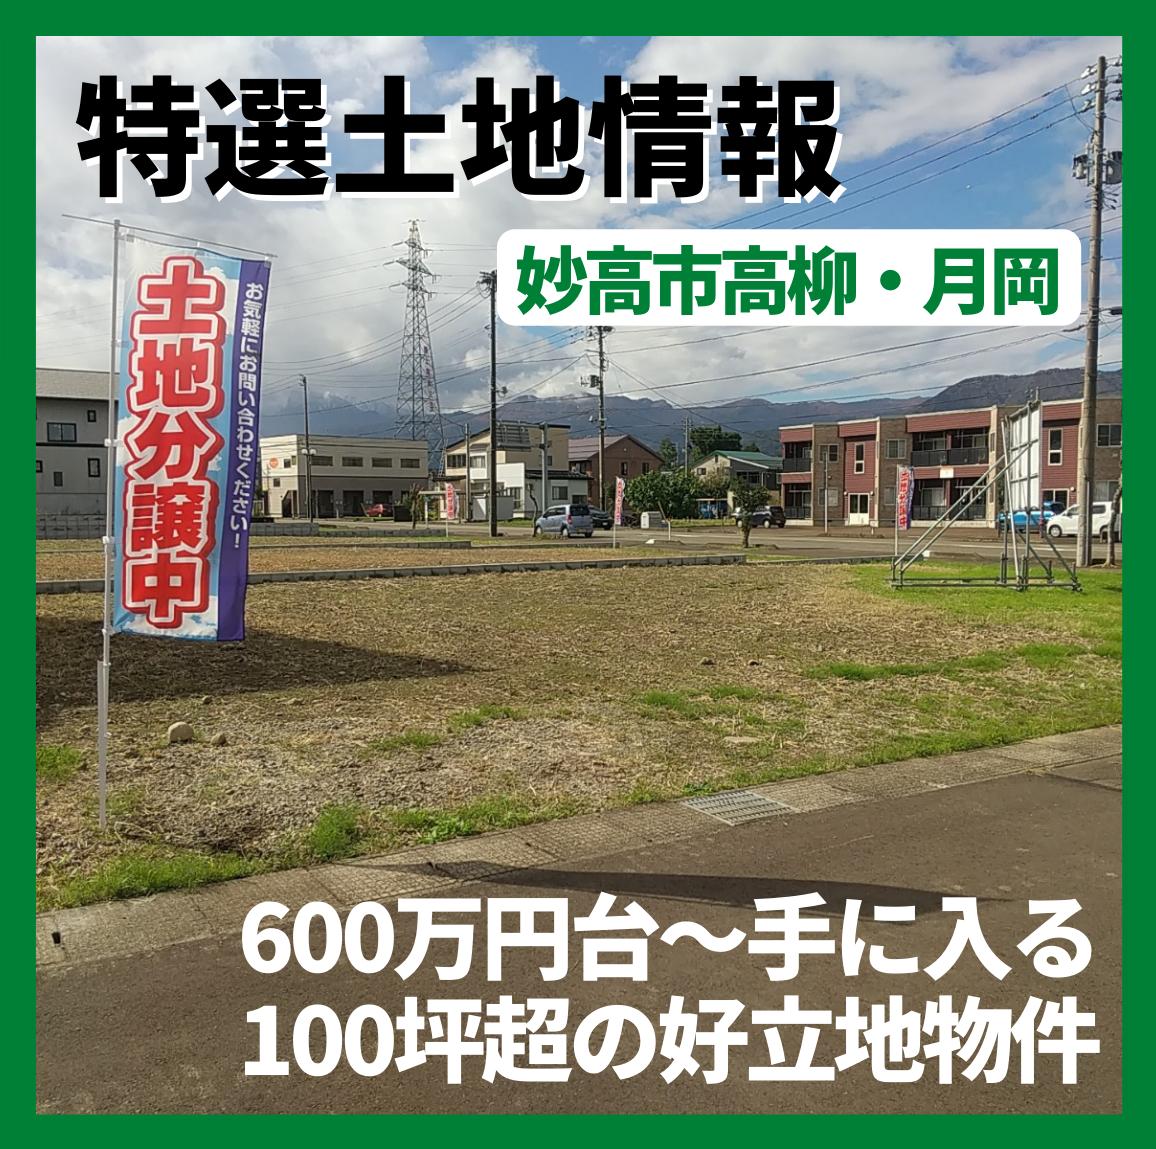 【好評分譲中!】小学校徒歩圏で、600万円台からの分譲地登場!